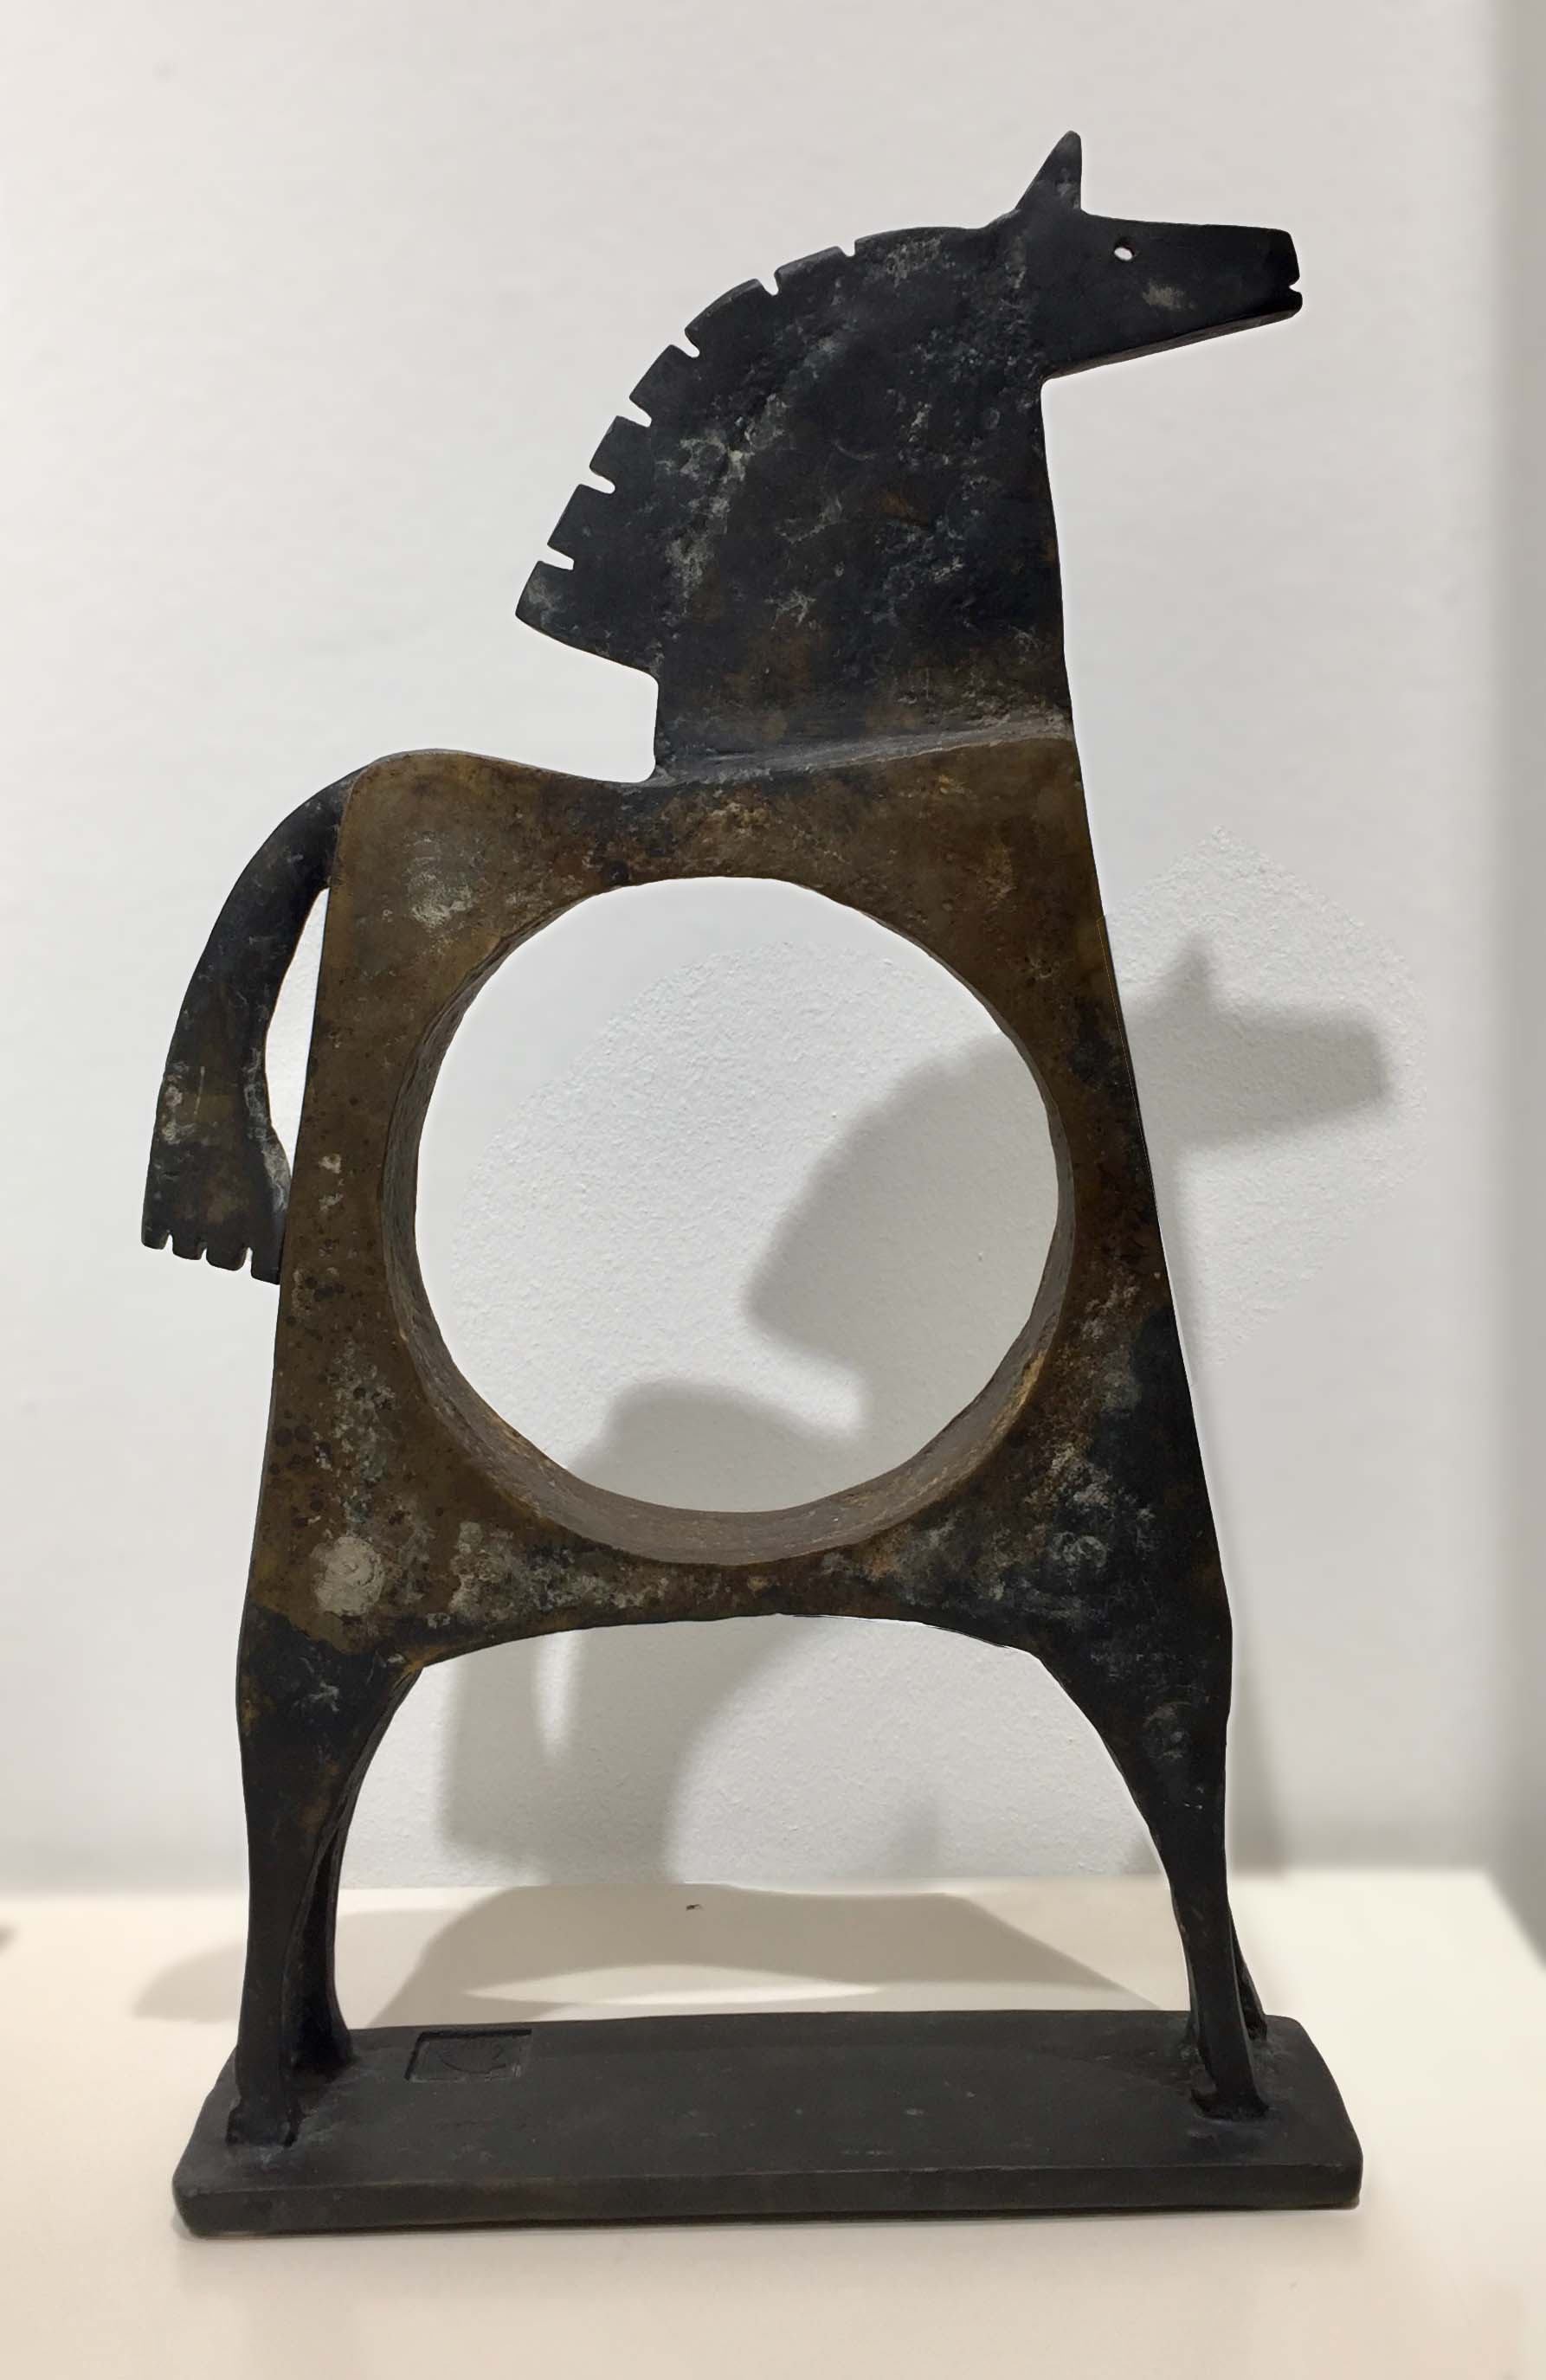 CABALLO PERLYO Bronze 39x26x6,5cm / 15,3x10,2x2,5 inches